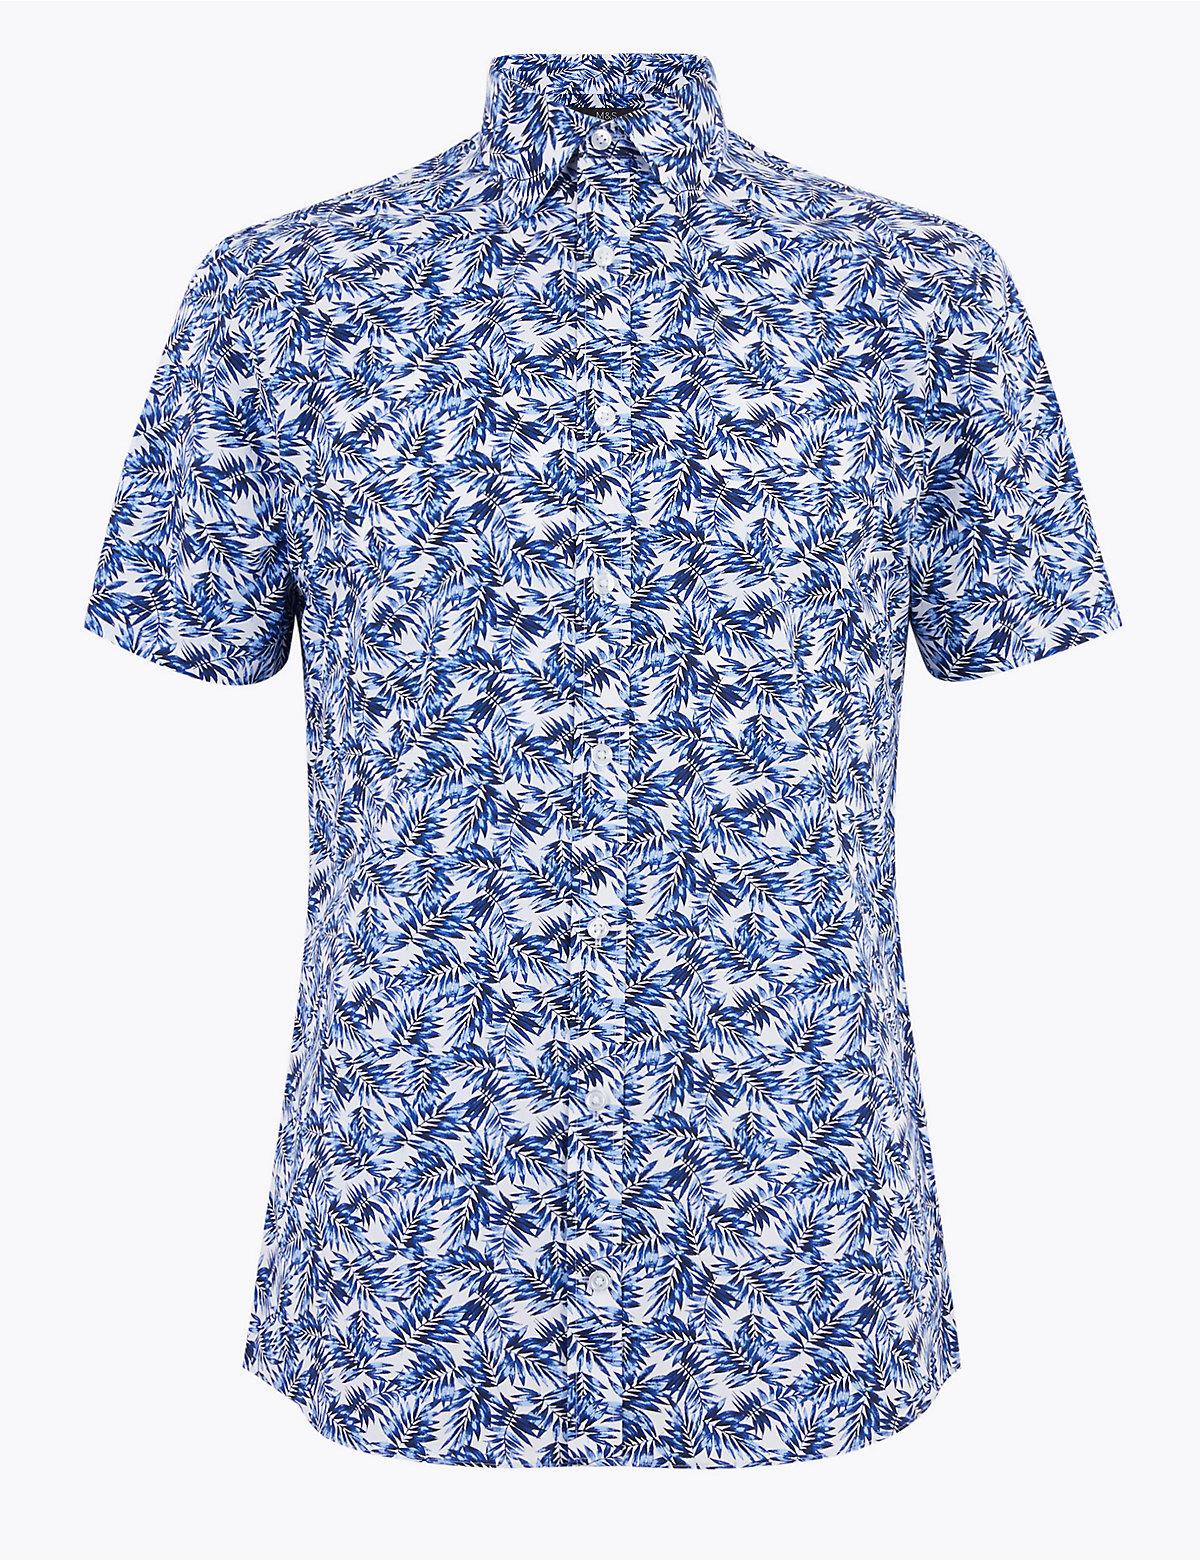 Узкая мужская рубашка с принтом